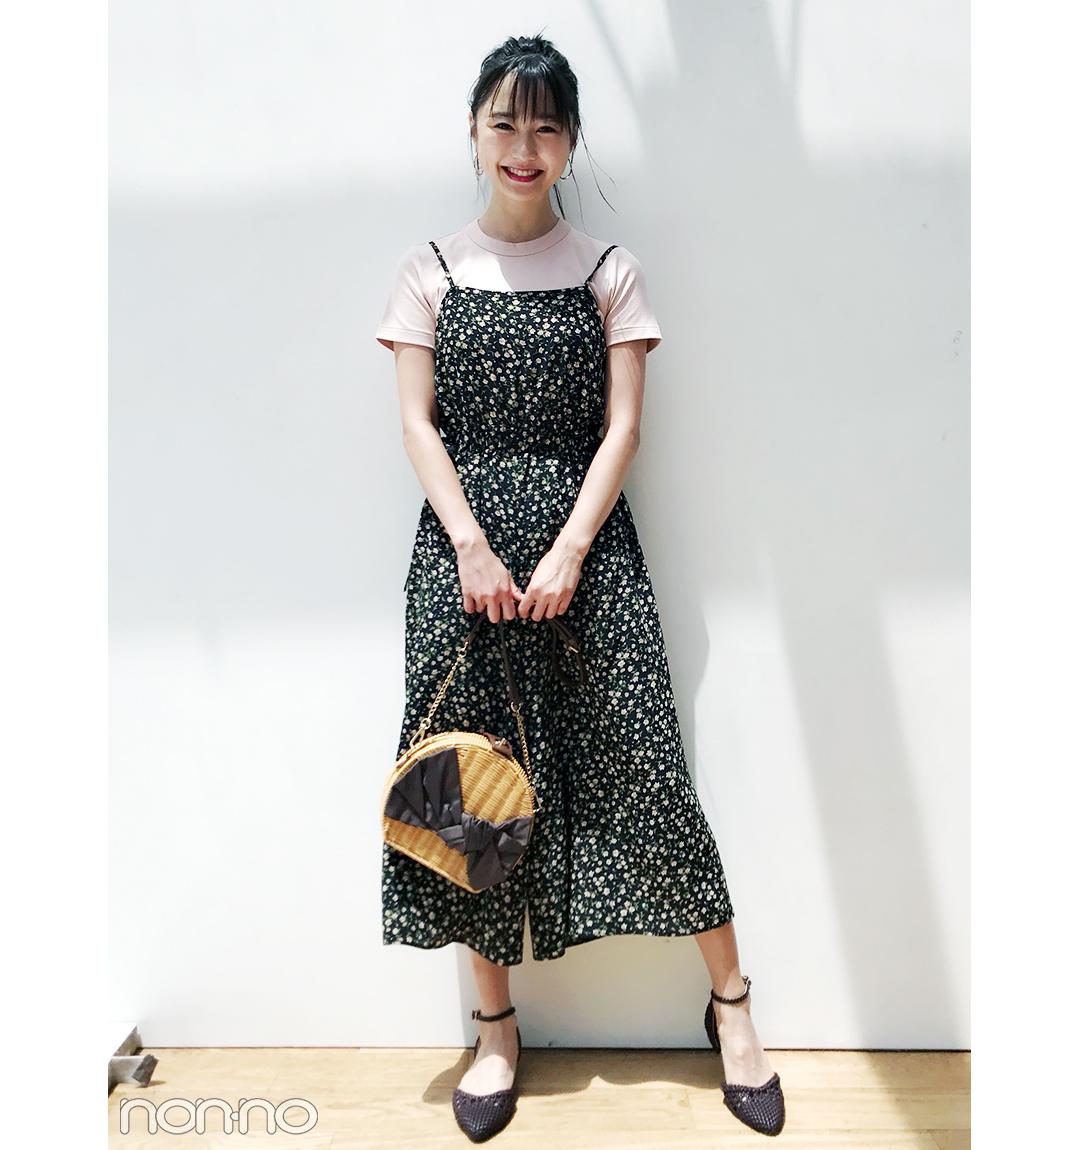 鈴木友菜はピンクTシャツ×キャミオールインワンで新鮮にチェンジ!【毎日コーデ】